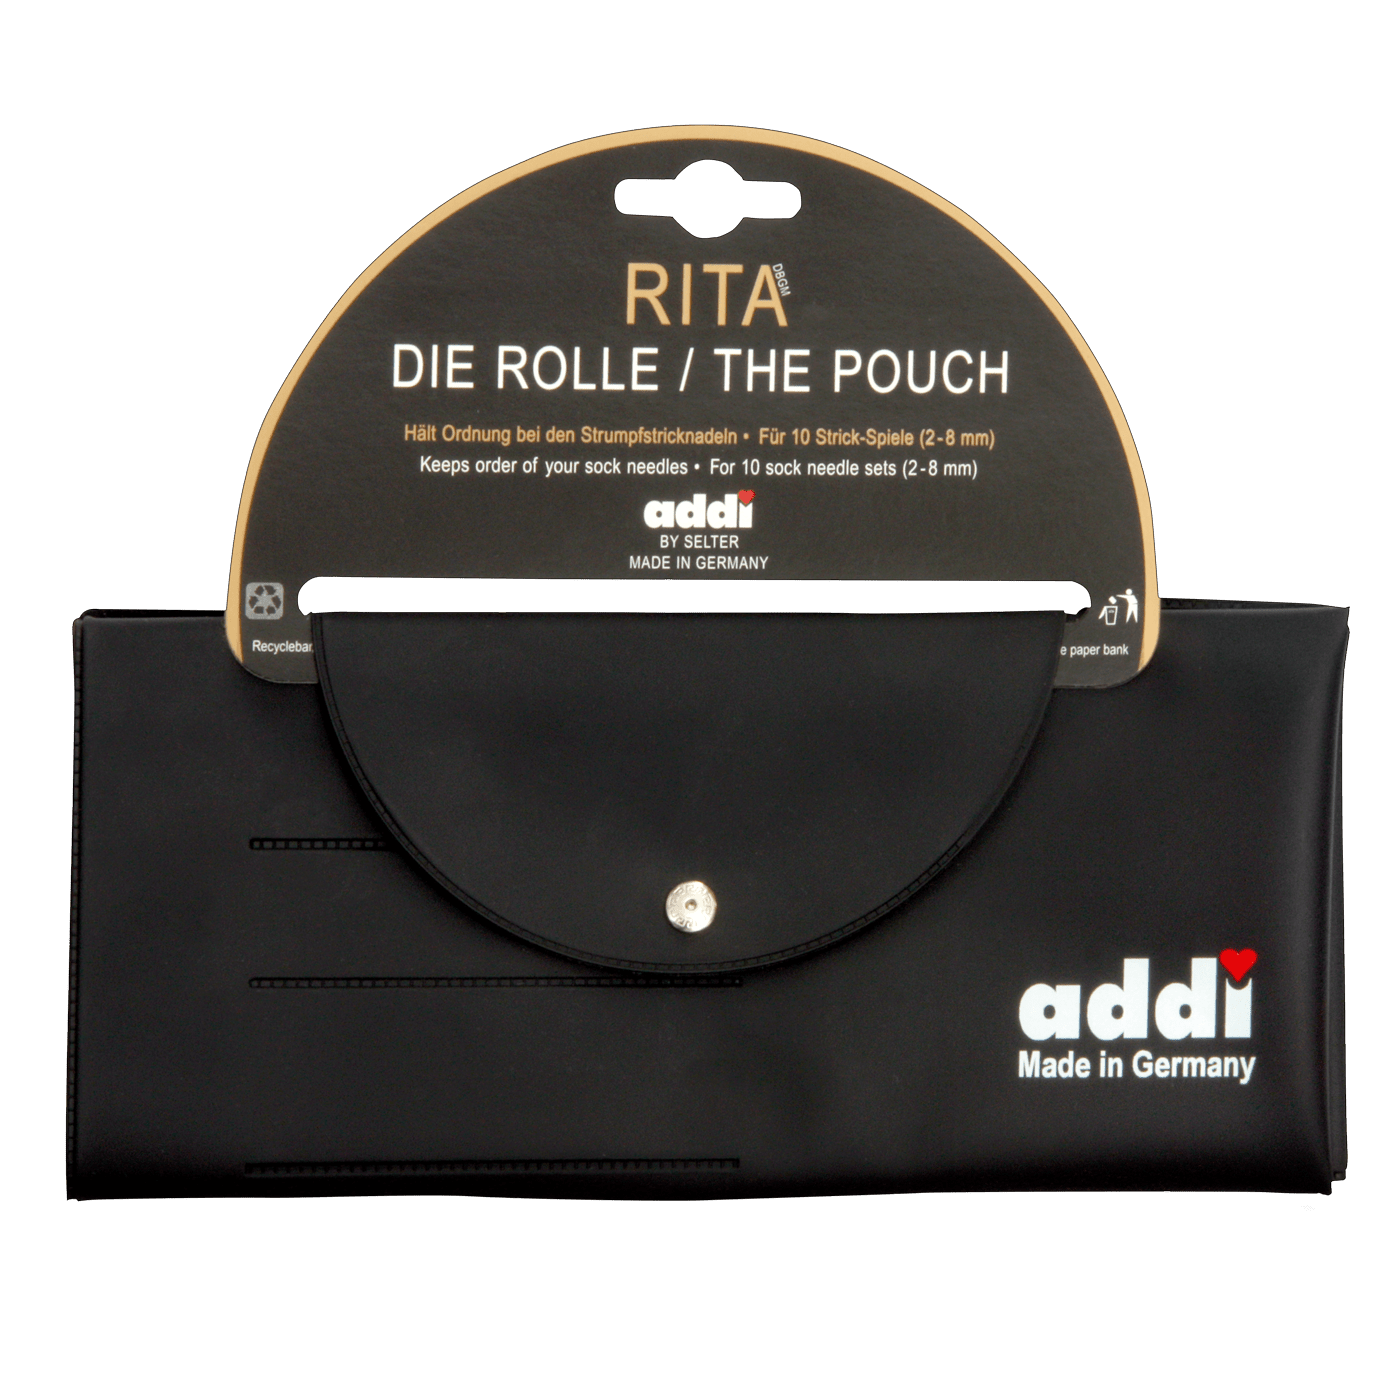 610 0 Rita Etui fuer 10Sets Strumpfstricknadeln 4c